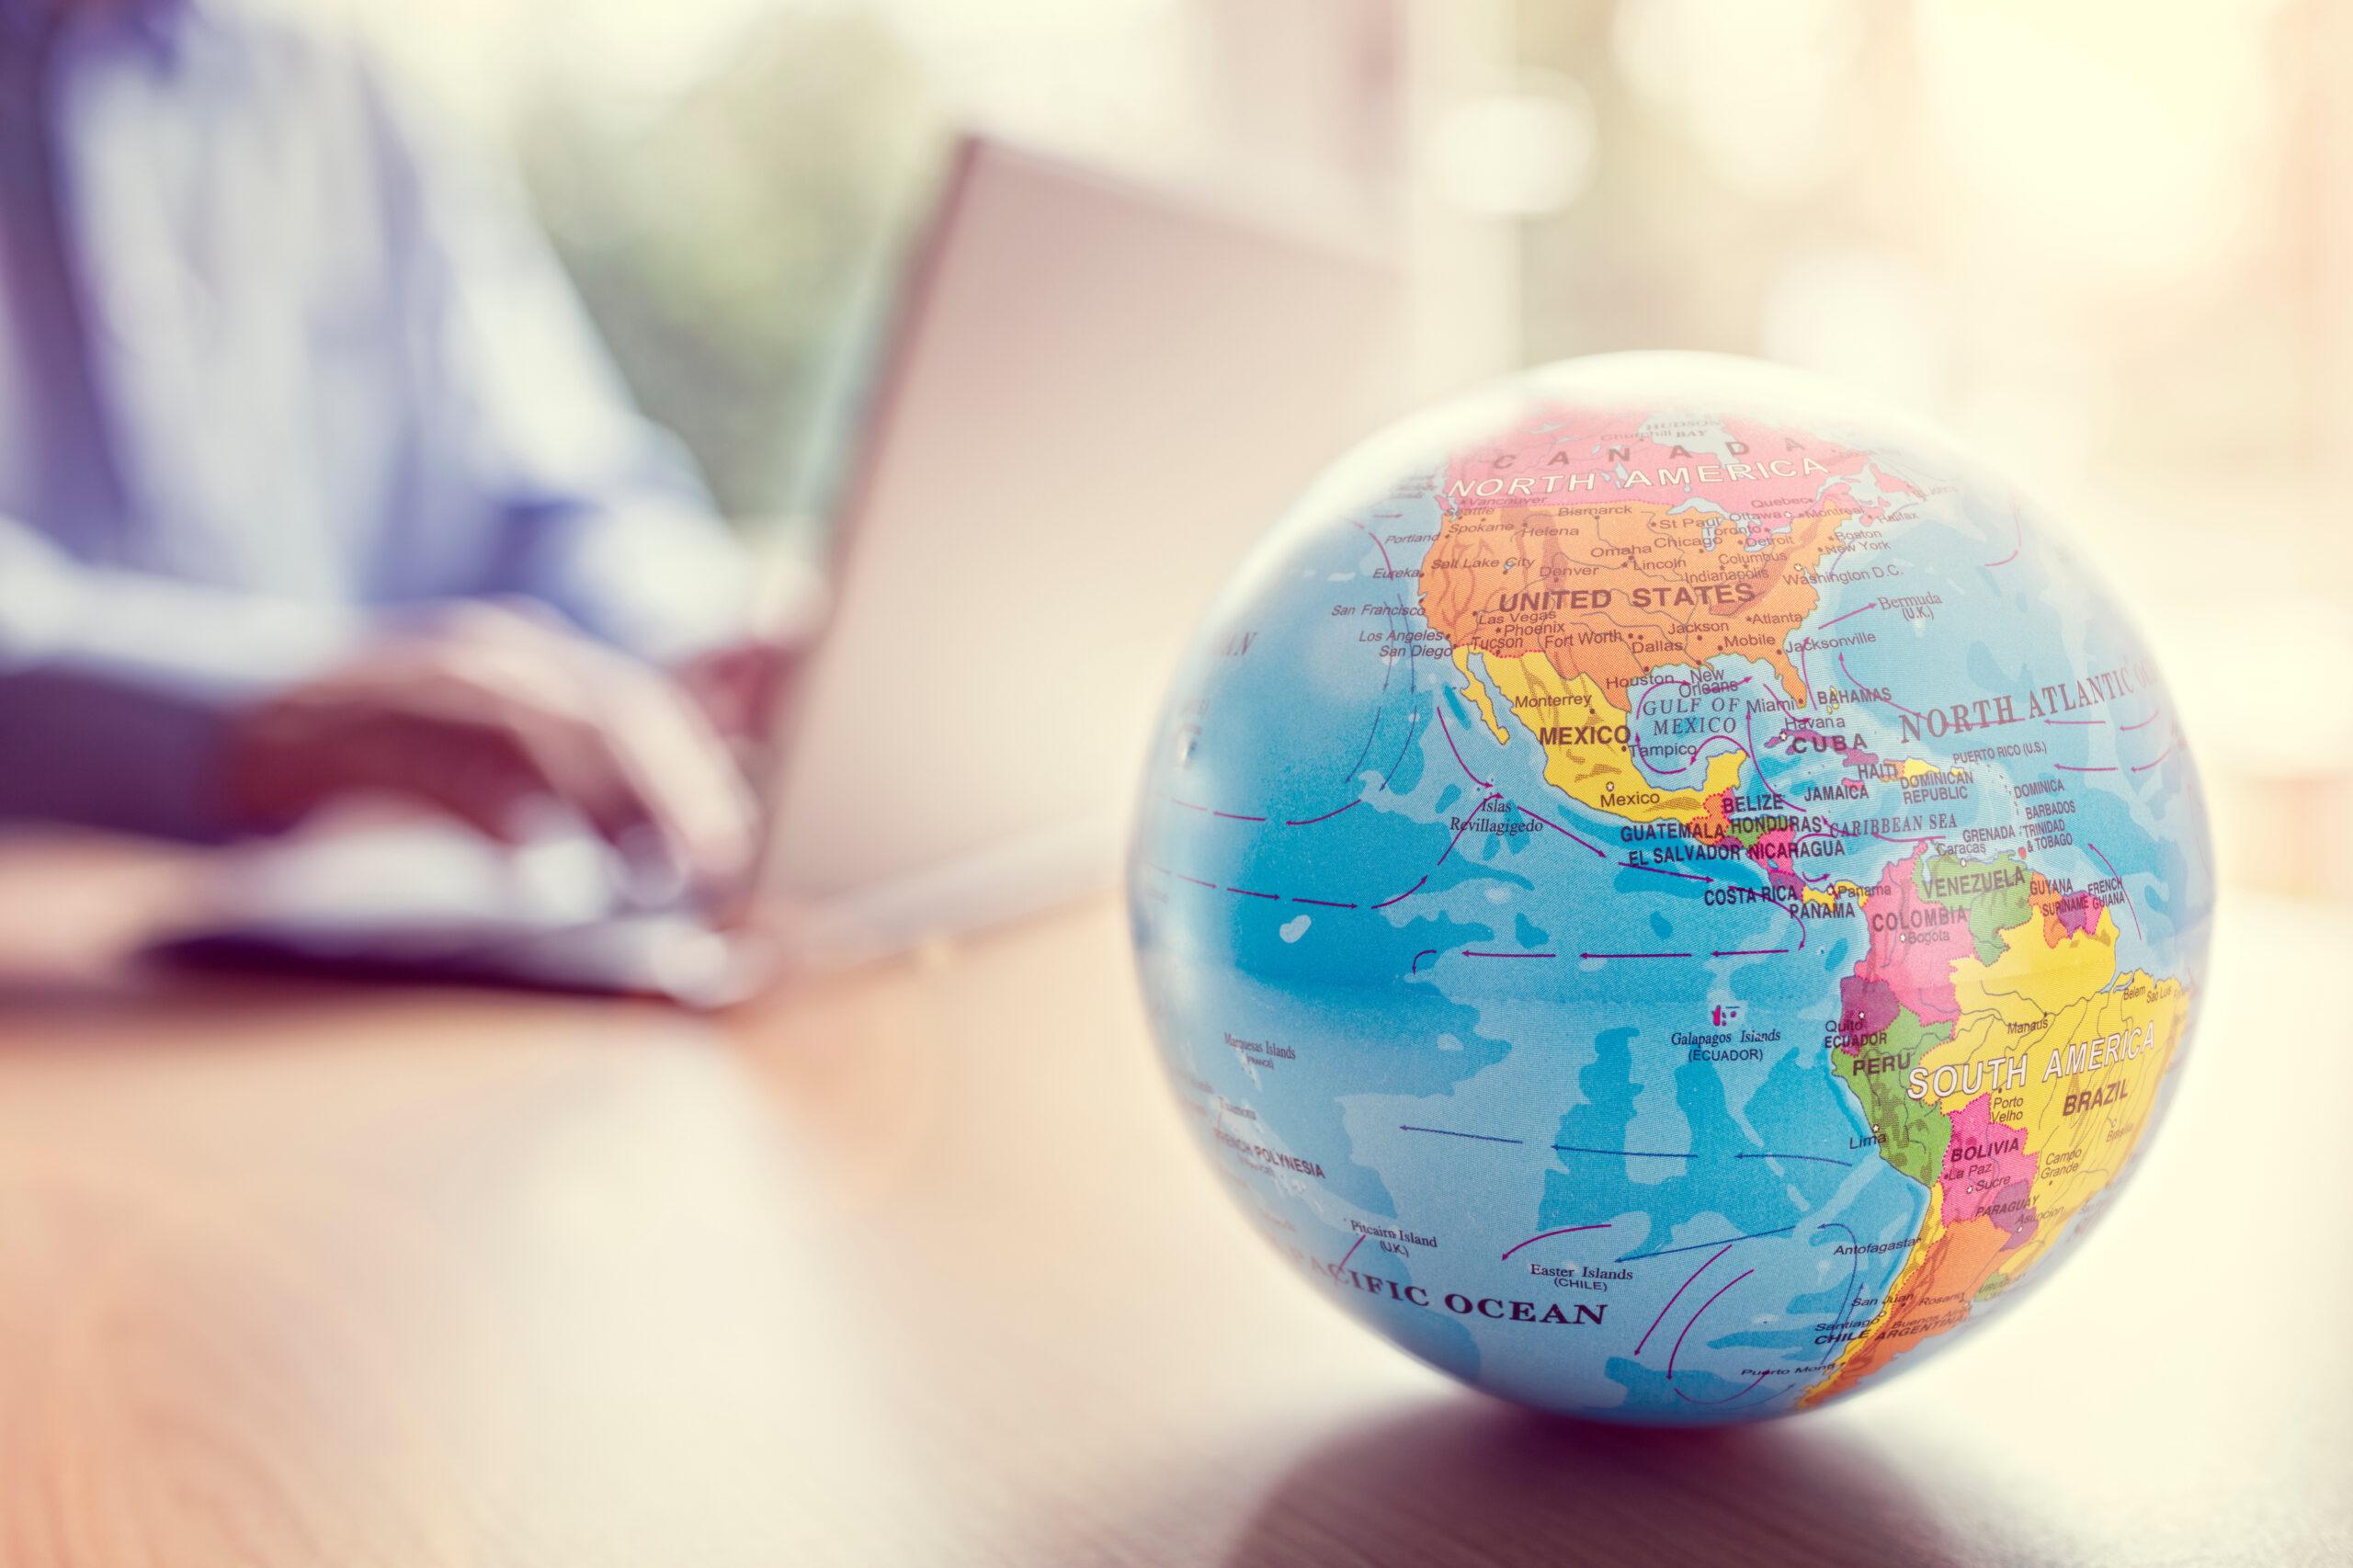 Les op afstand: wat kunnen we leren van andere landen?